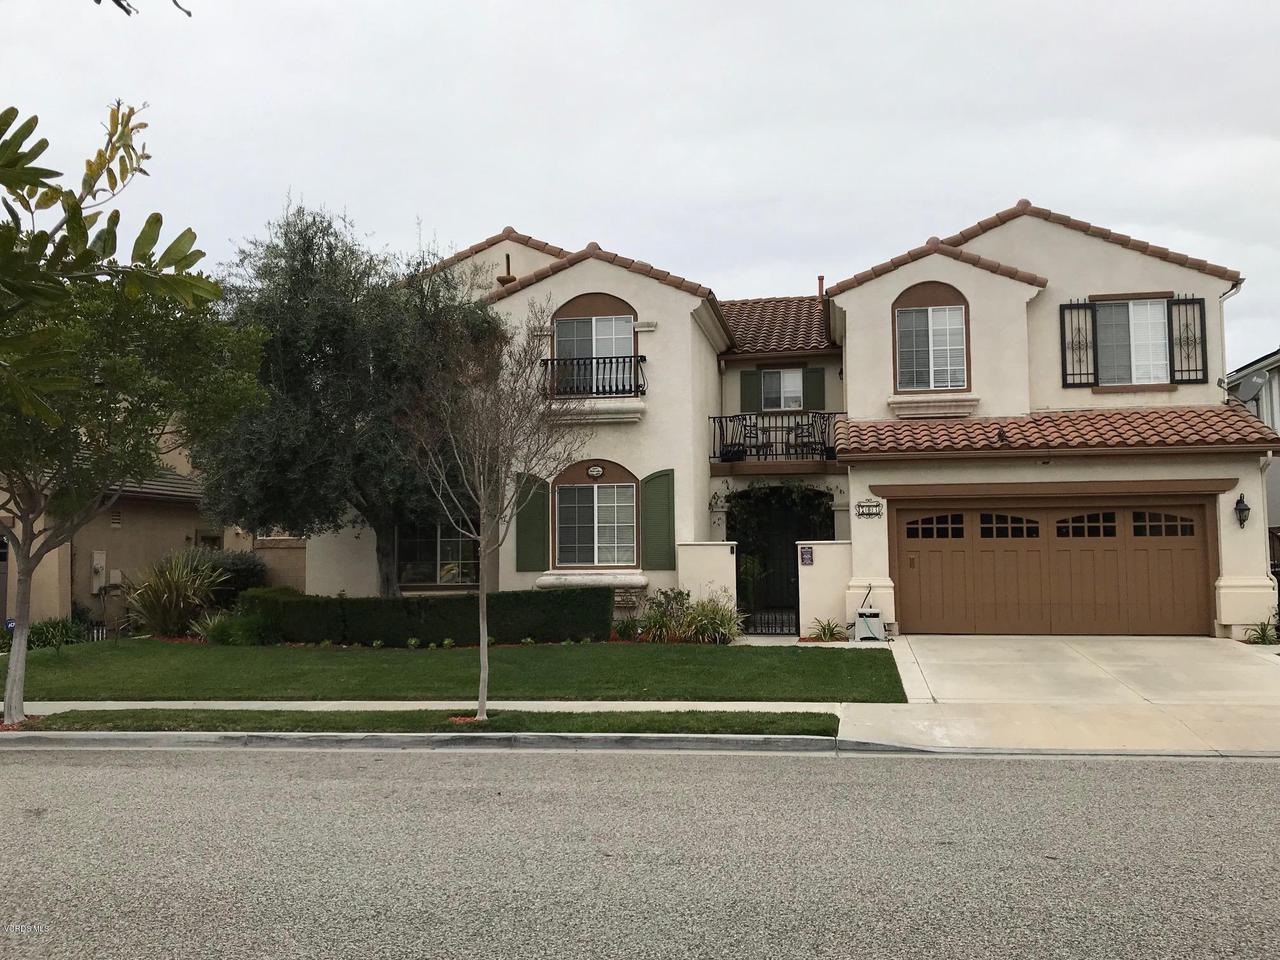 703 SEEGER, Ventura, CA 93003 - seeger36